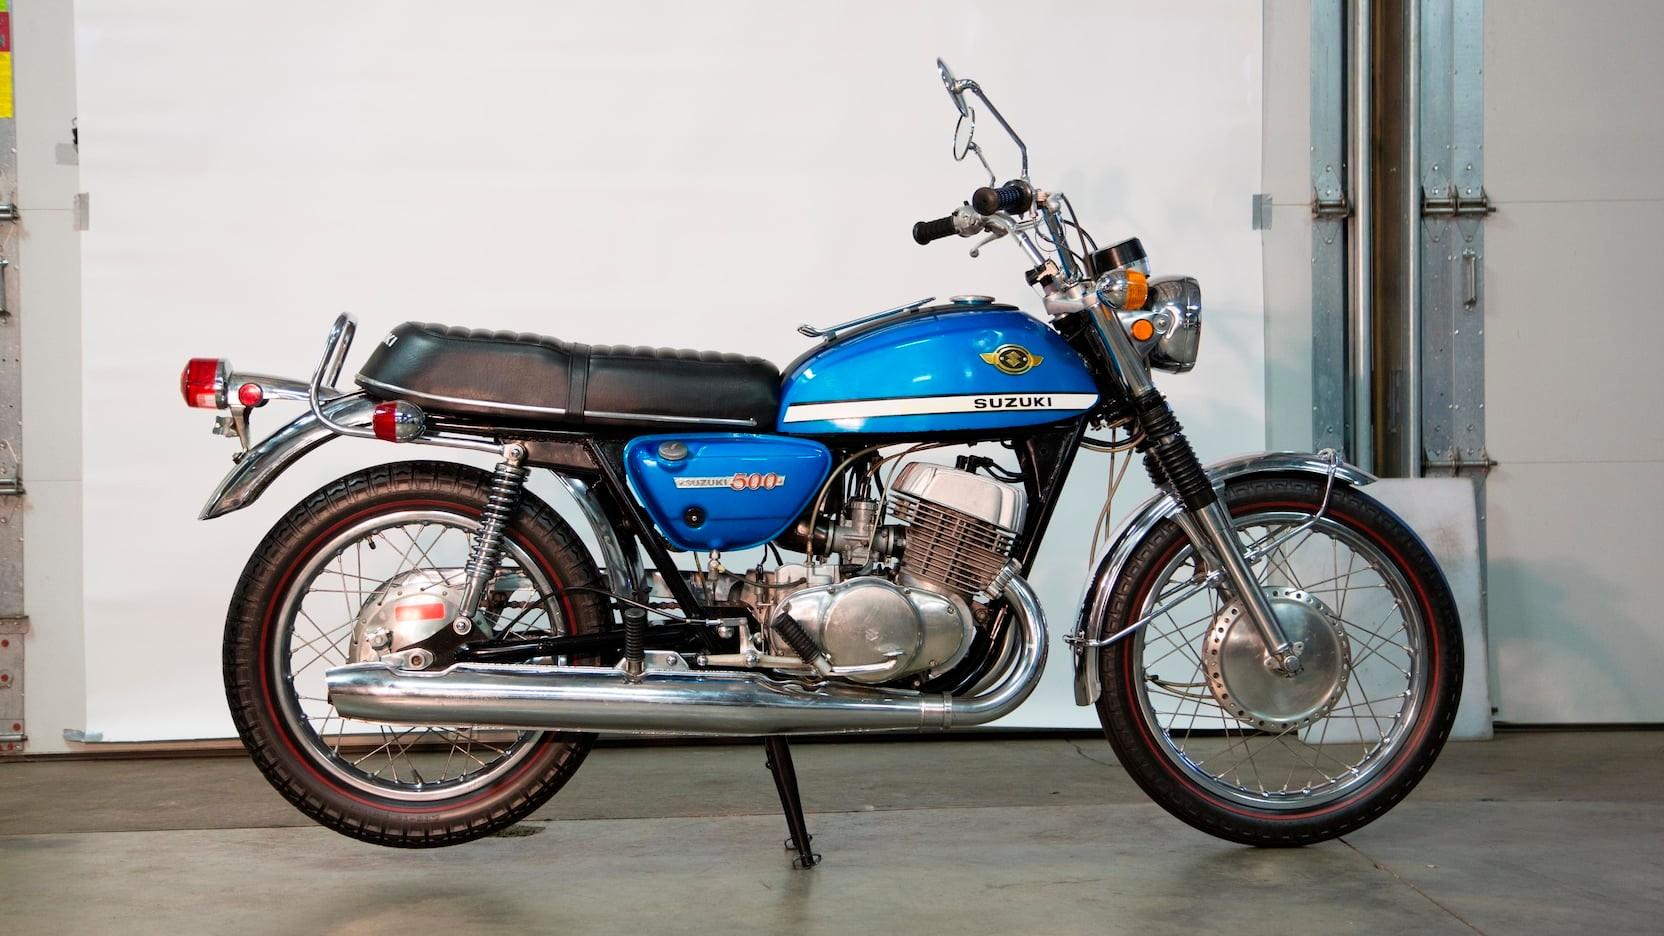 1970 Suzuki T500 R